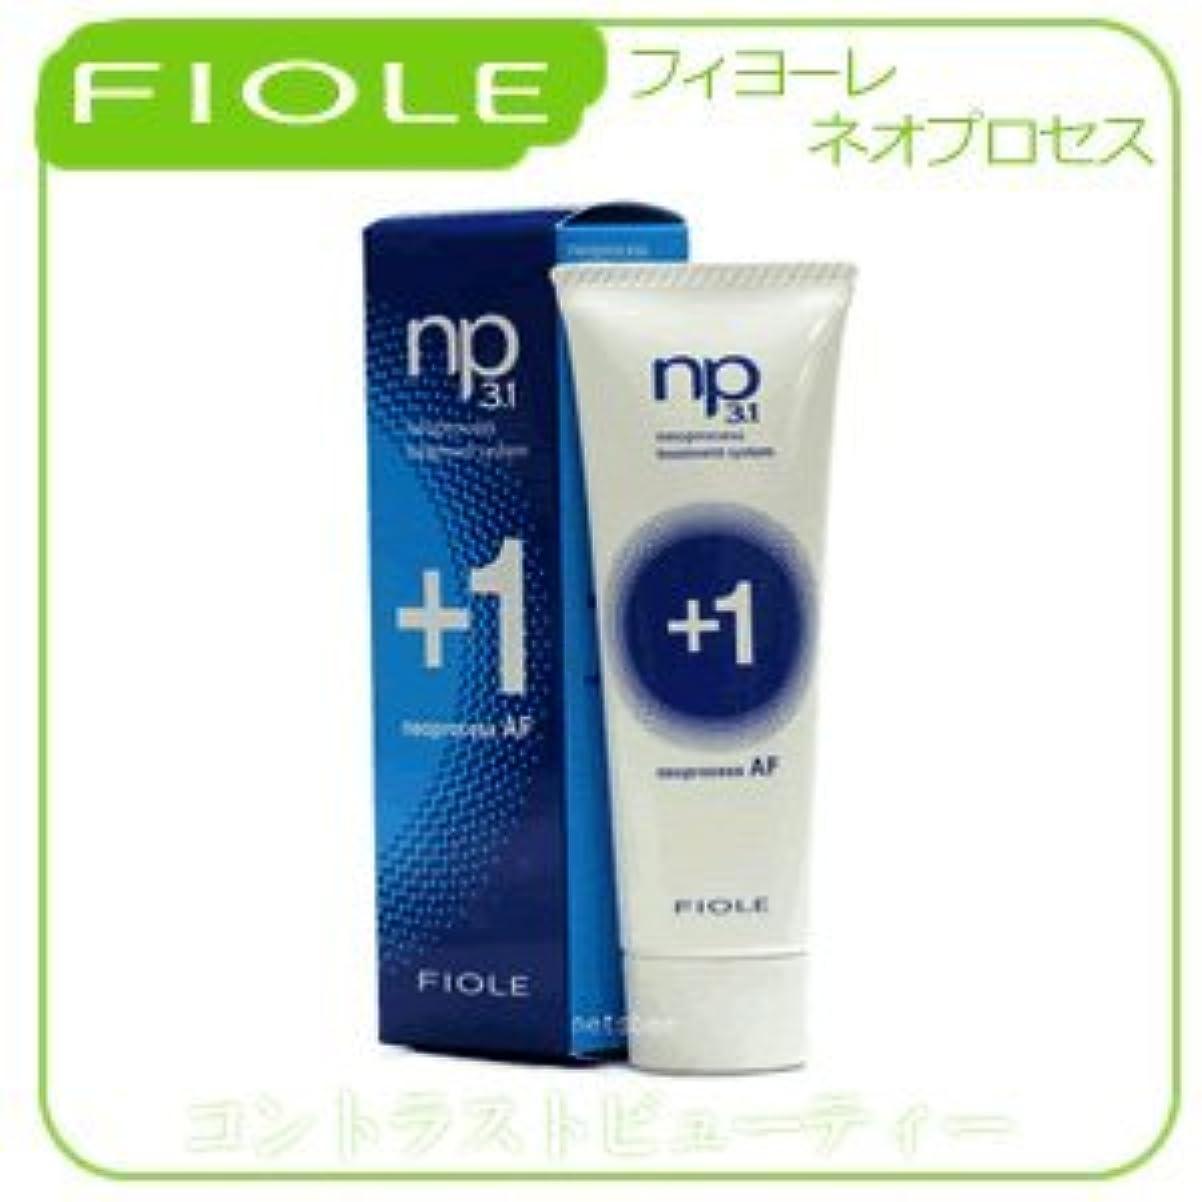 テスピアンガラスパンサー【X4個セット】 フィヨーレ NP3.1 ネオプロセス AFプラス1 240g FIOLE ネオプロセス